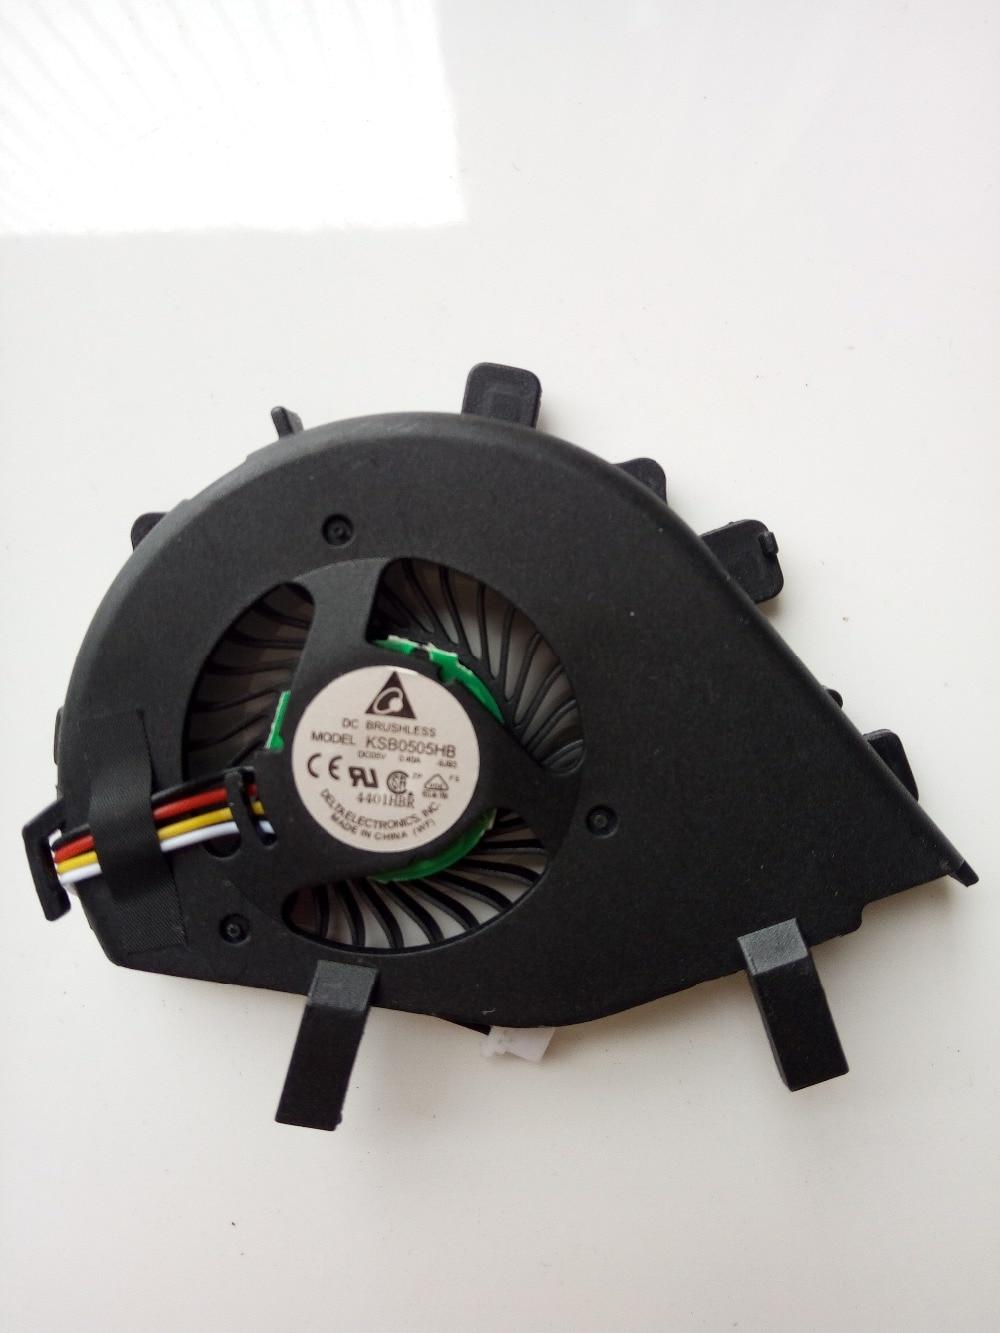 New for Sony vaio Z1 VPCZ1 VPC-Z1 PCG-31111T 31112T 31113T VPCZ1138GG VPCZ138GC VPCZ138GC/B VPCZ135 VPCZ137 CPU Cooling Fan клавиатура для ноутбука sony vaio vpc se series без рамки topon top 95591 черный